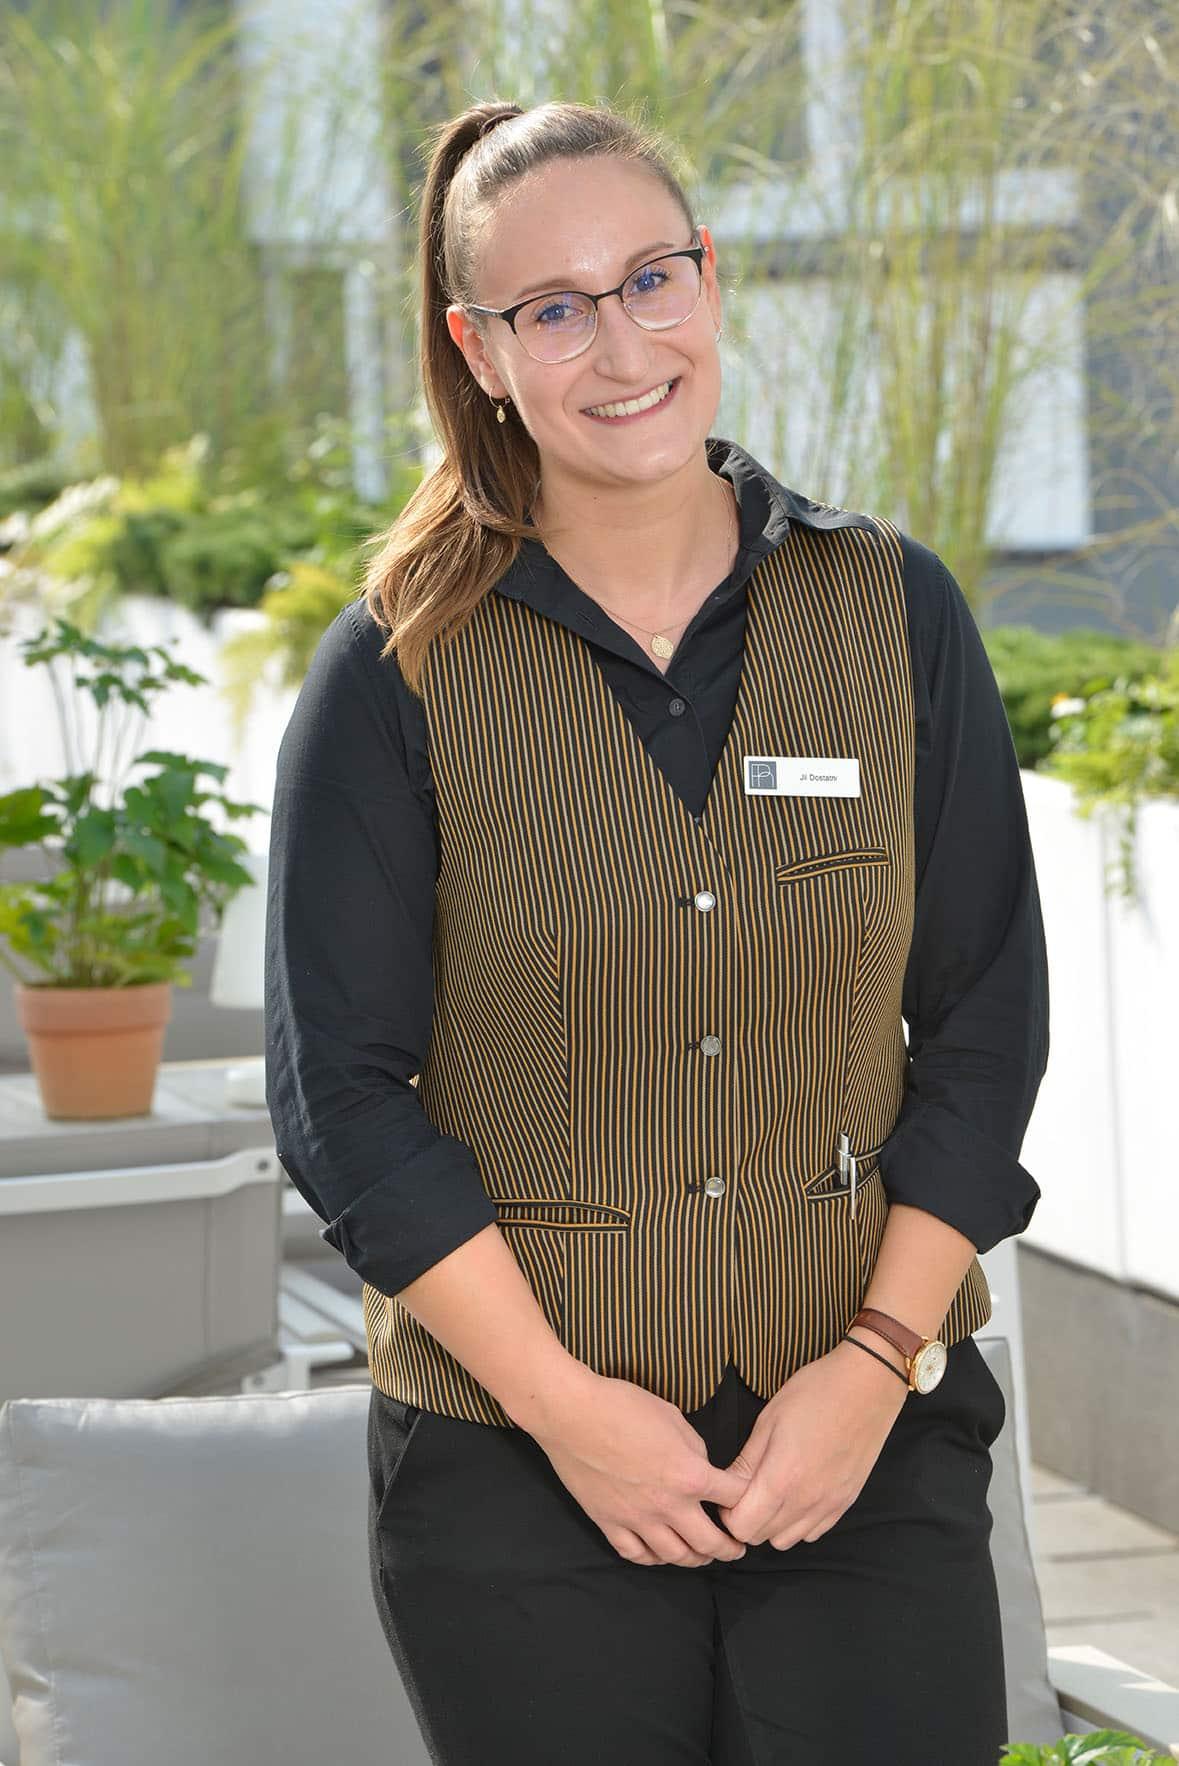 Servicemitarbeiterin Parkhotel Oberhausen auf der Terrasse